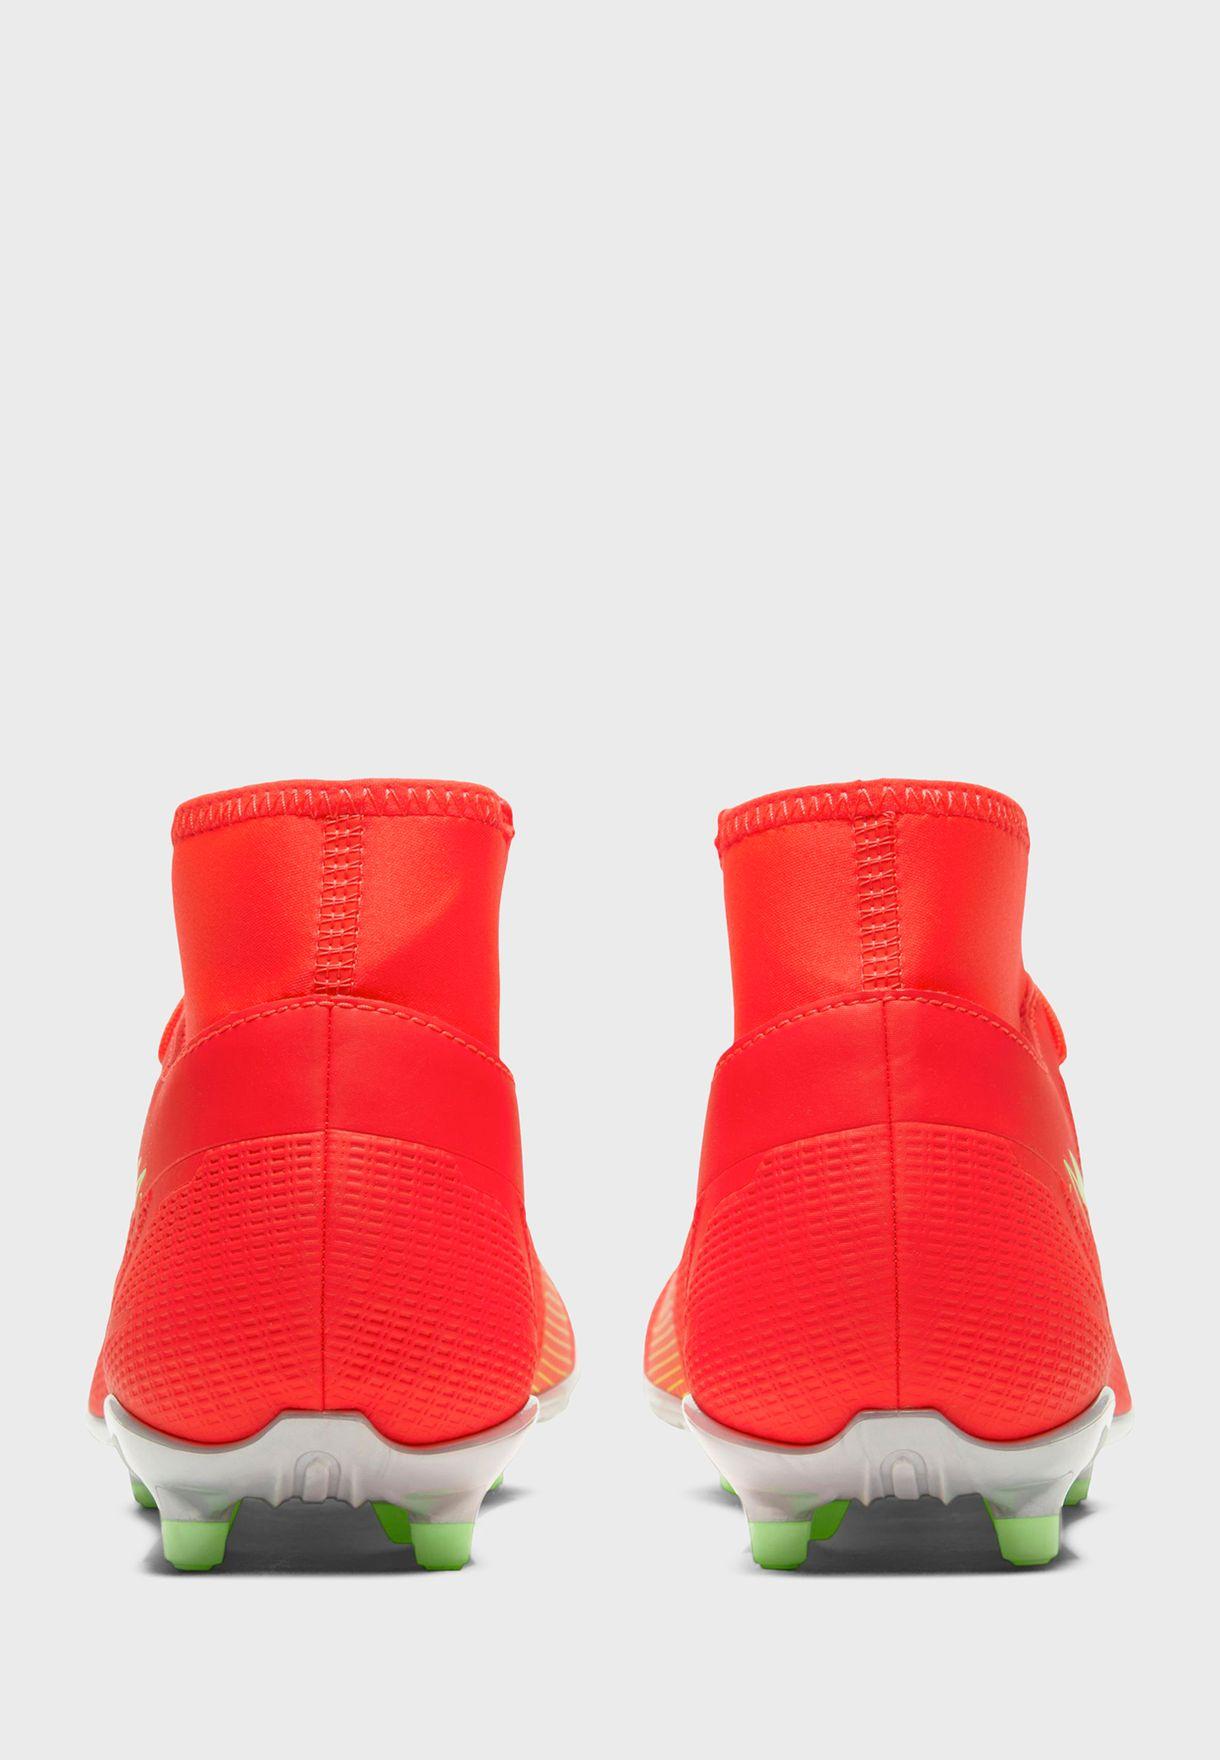 حذاء سوبر فلاي 8 كلوب اف جي / ام جي